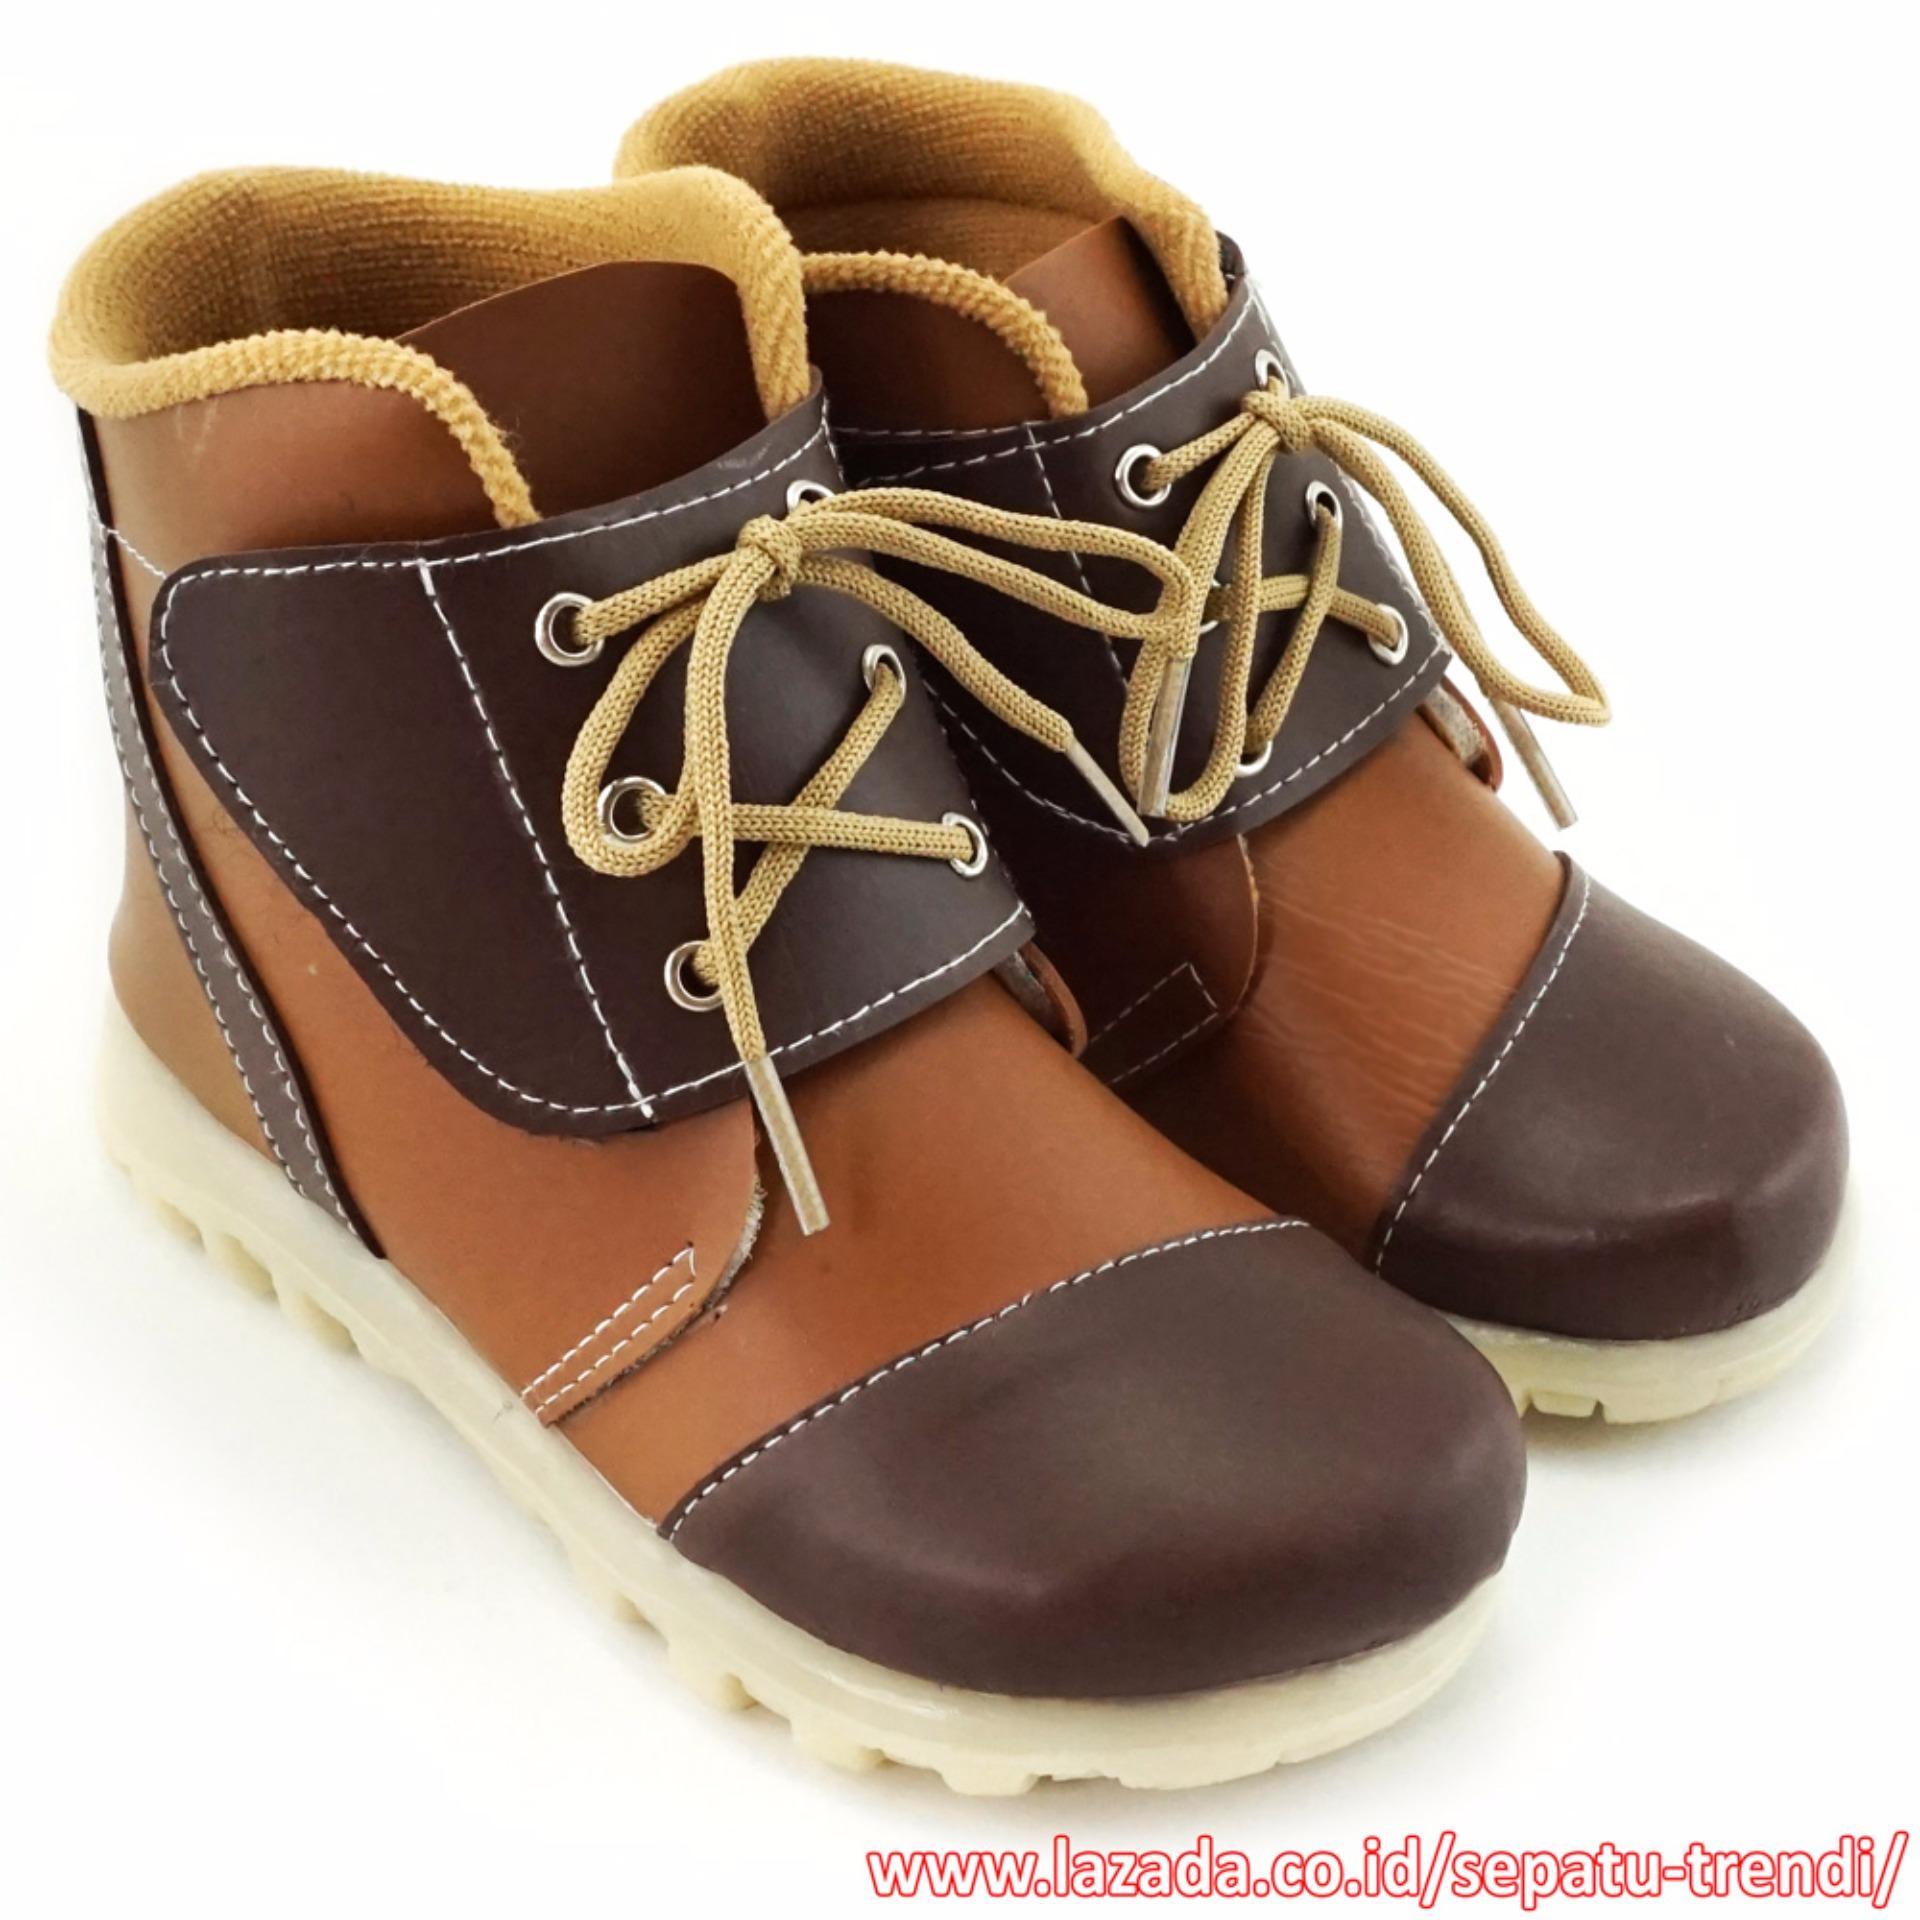 Harga Trendishoes Sepatu Boot Anak Velcro Strap Aksesori Tali 3Lv Cokelat Baru Murah